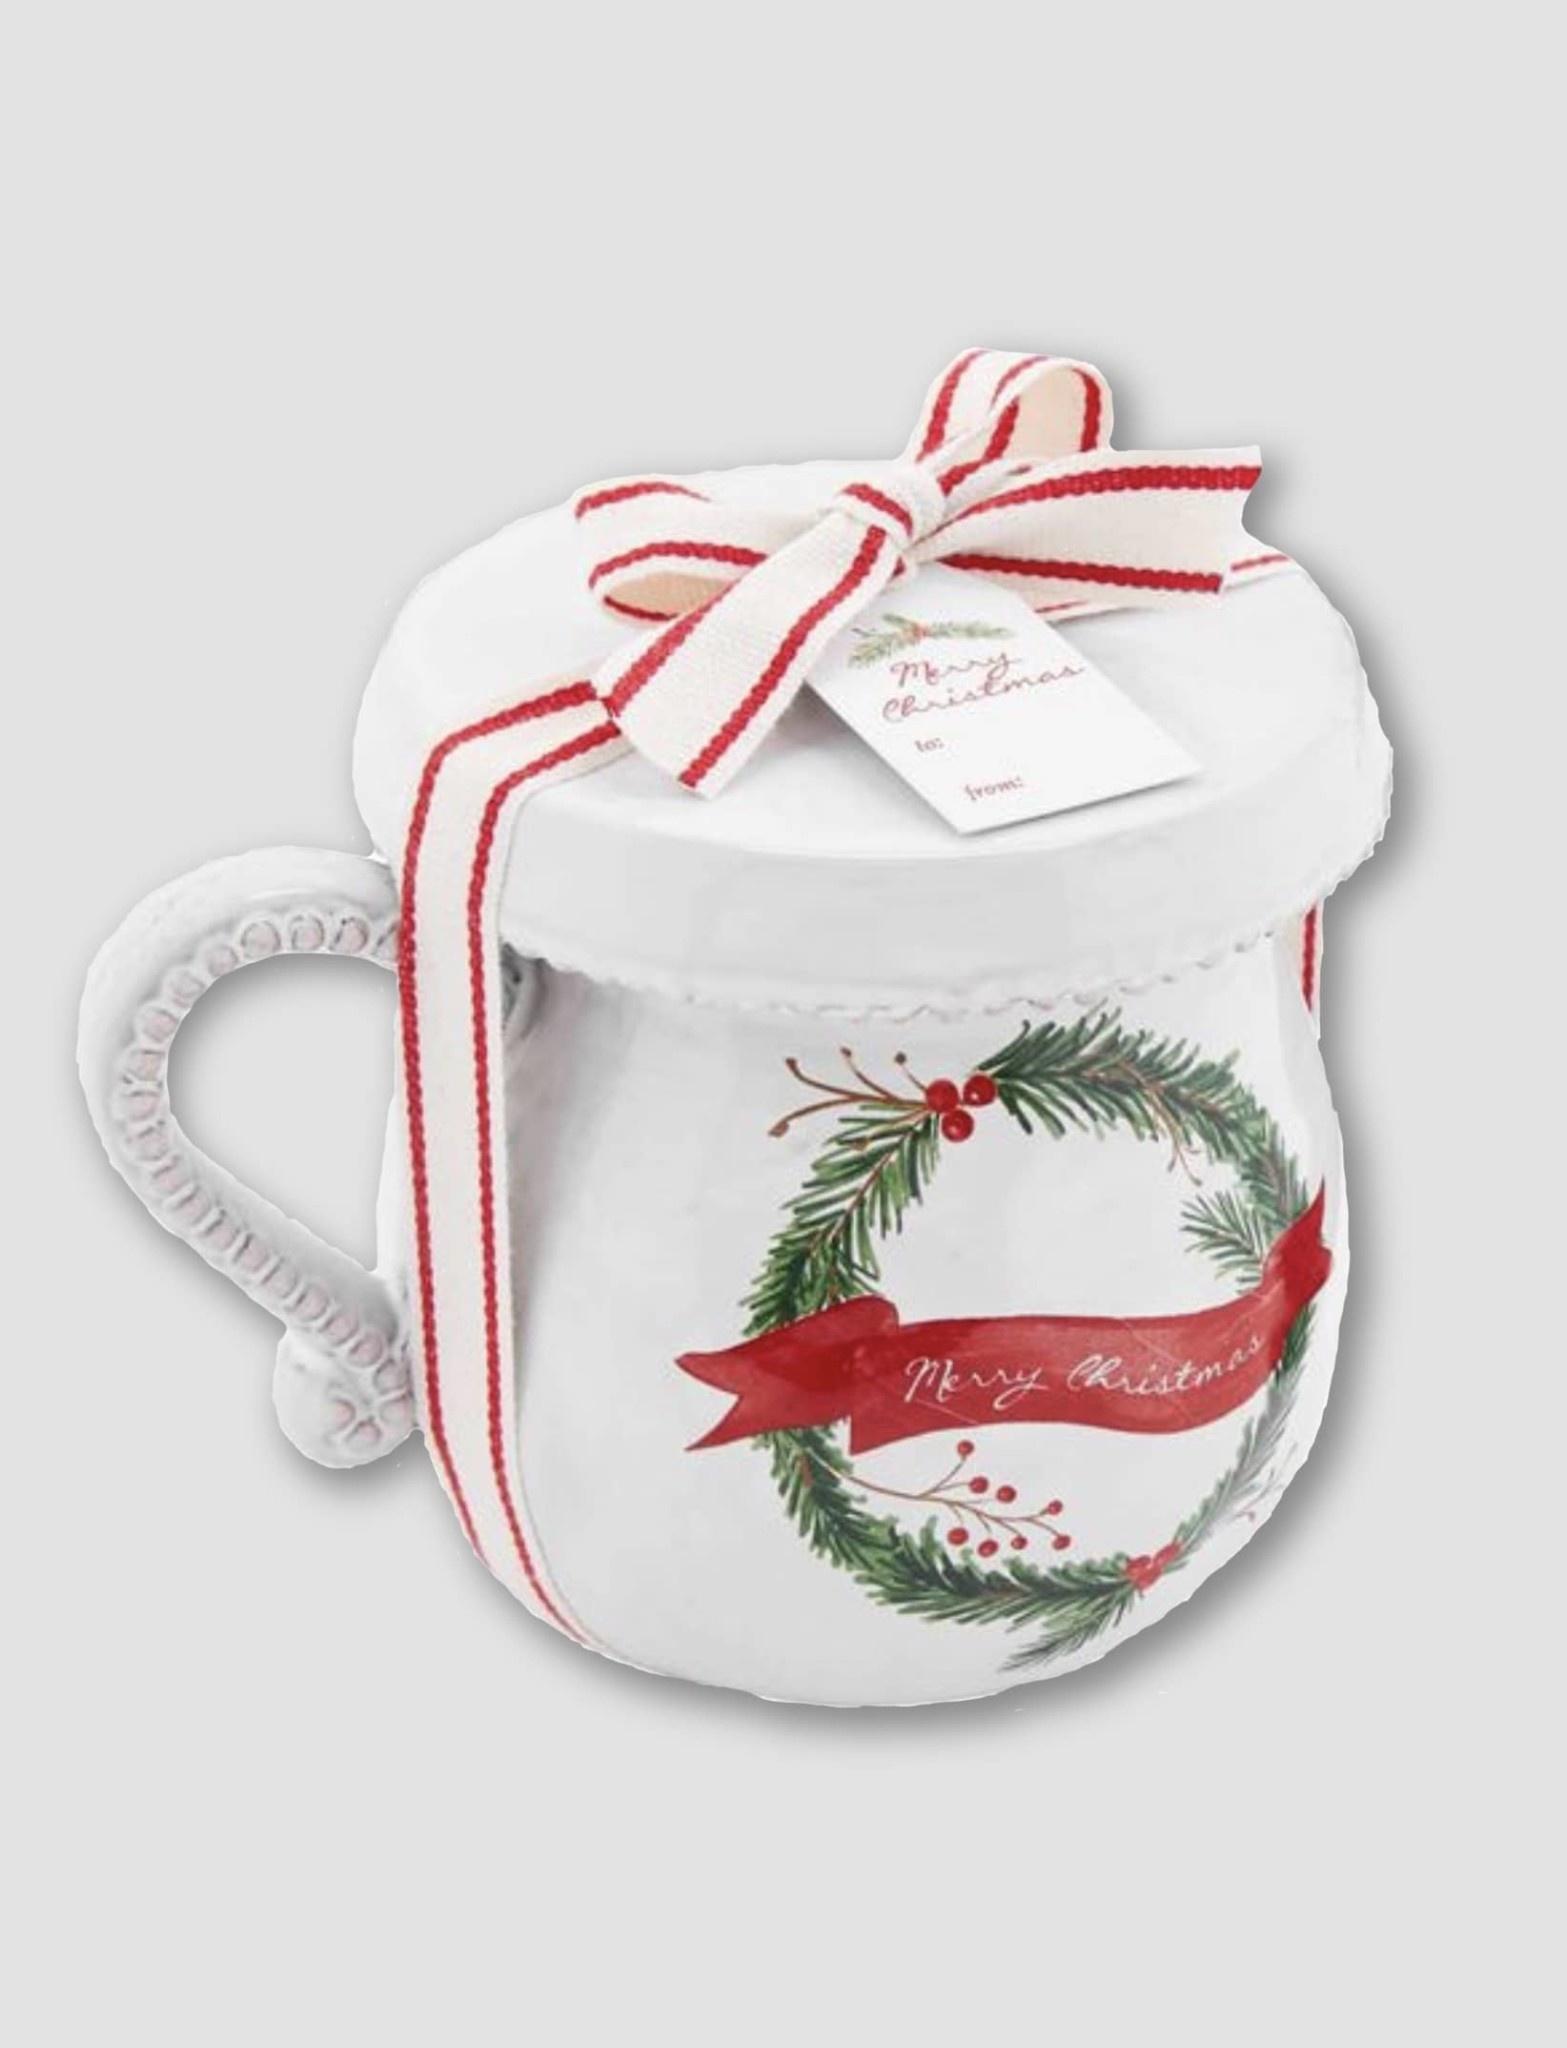 Mud Pie Wreath Christmas Tea Mug